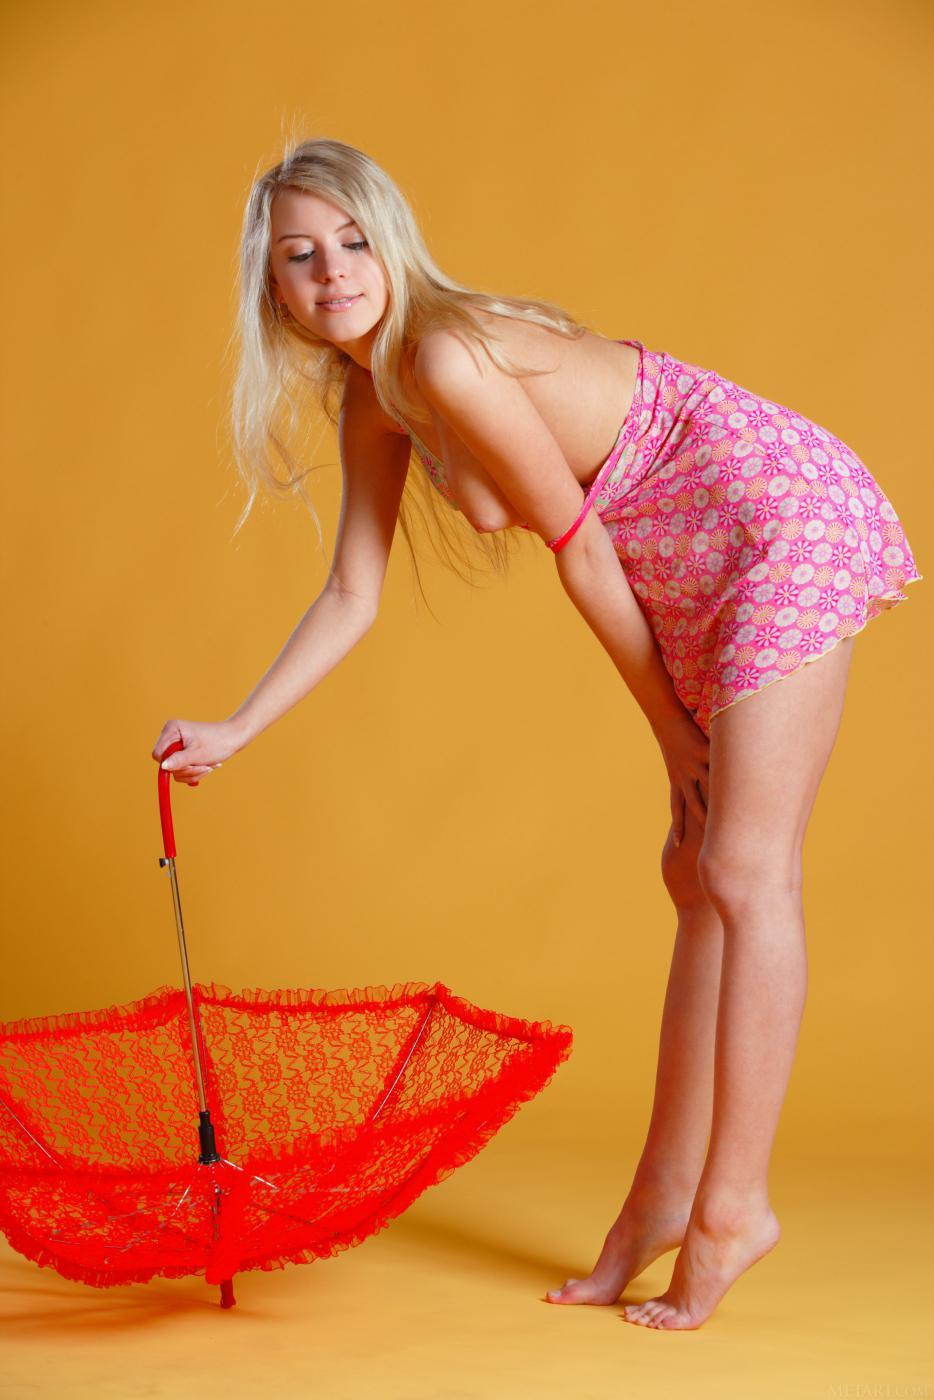 Длинноногая элегантная блондинка Barbara D позирует с зонтиком и показывает свое прекрасное молодое тело